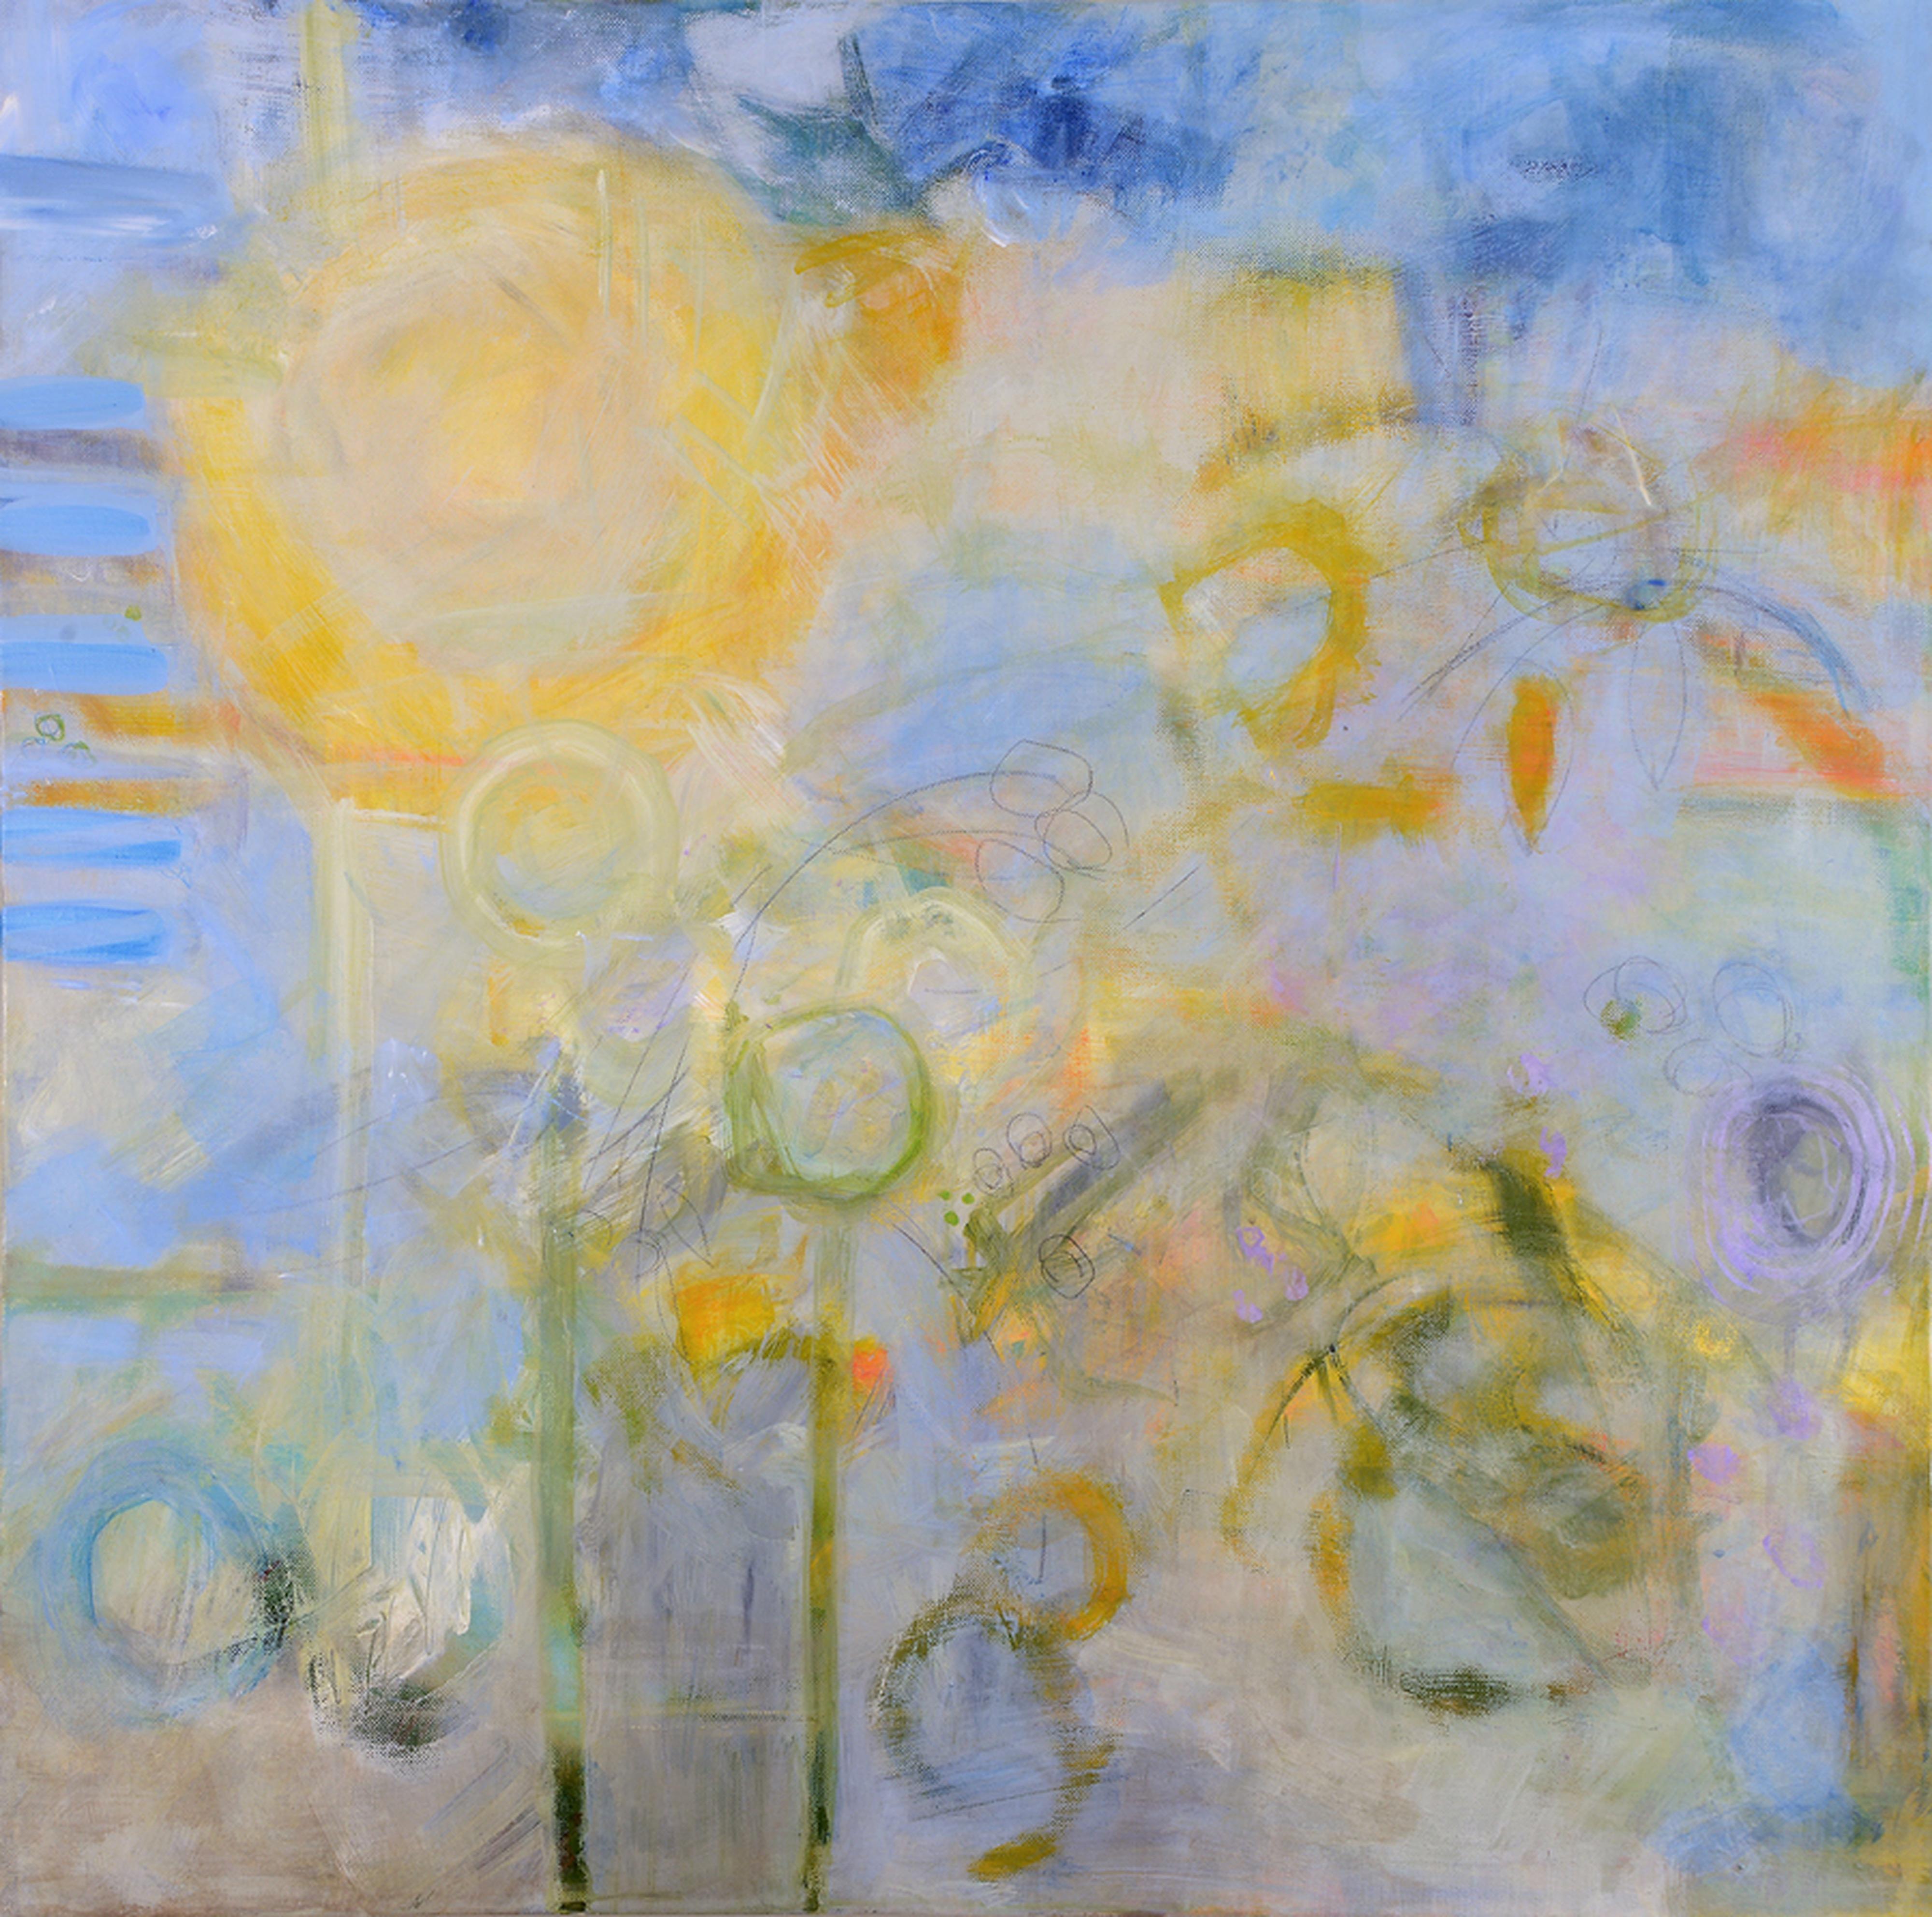 Blue Moon by Marla Sullivan | ArtworkNetwork.com